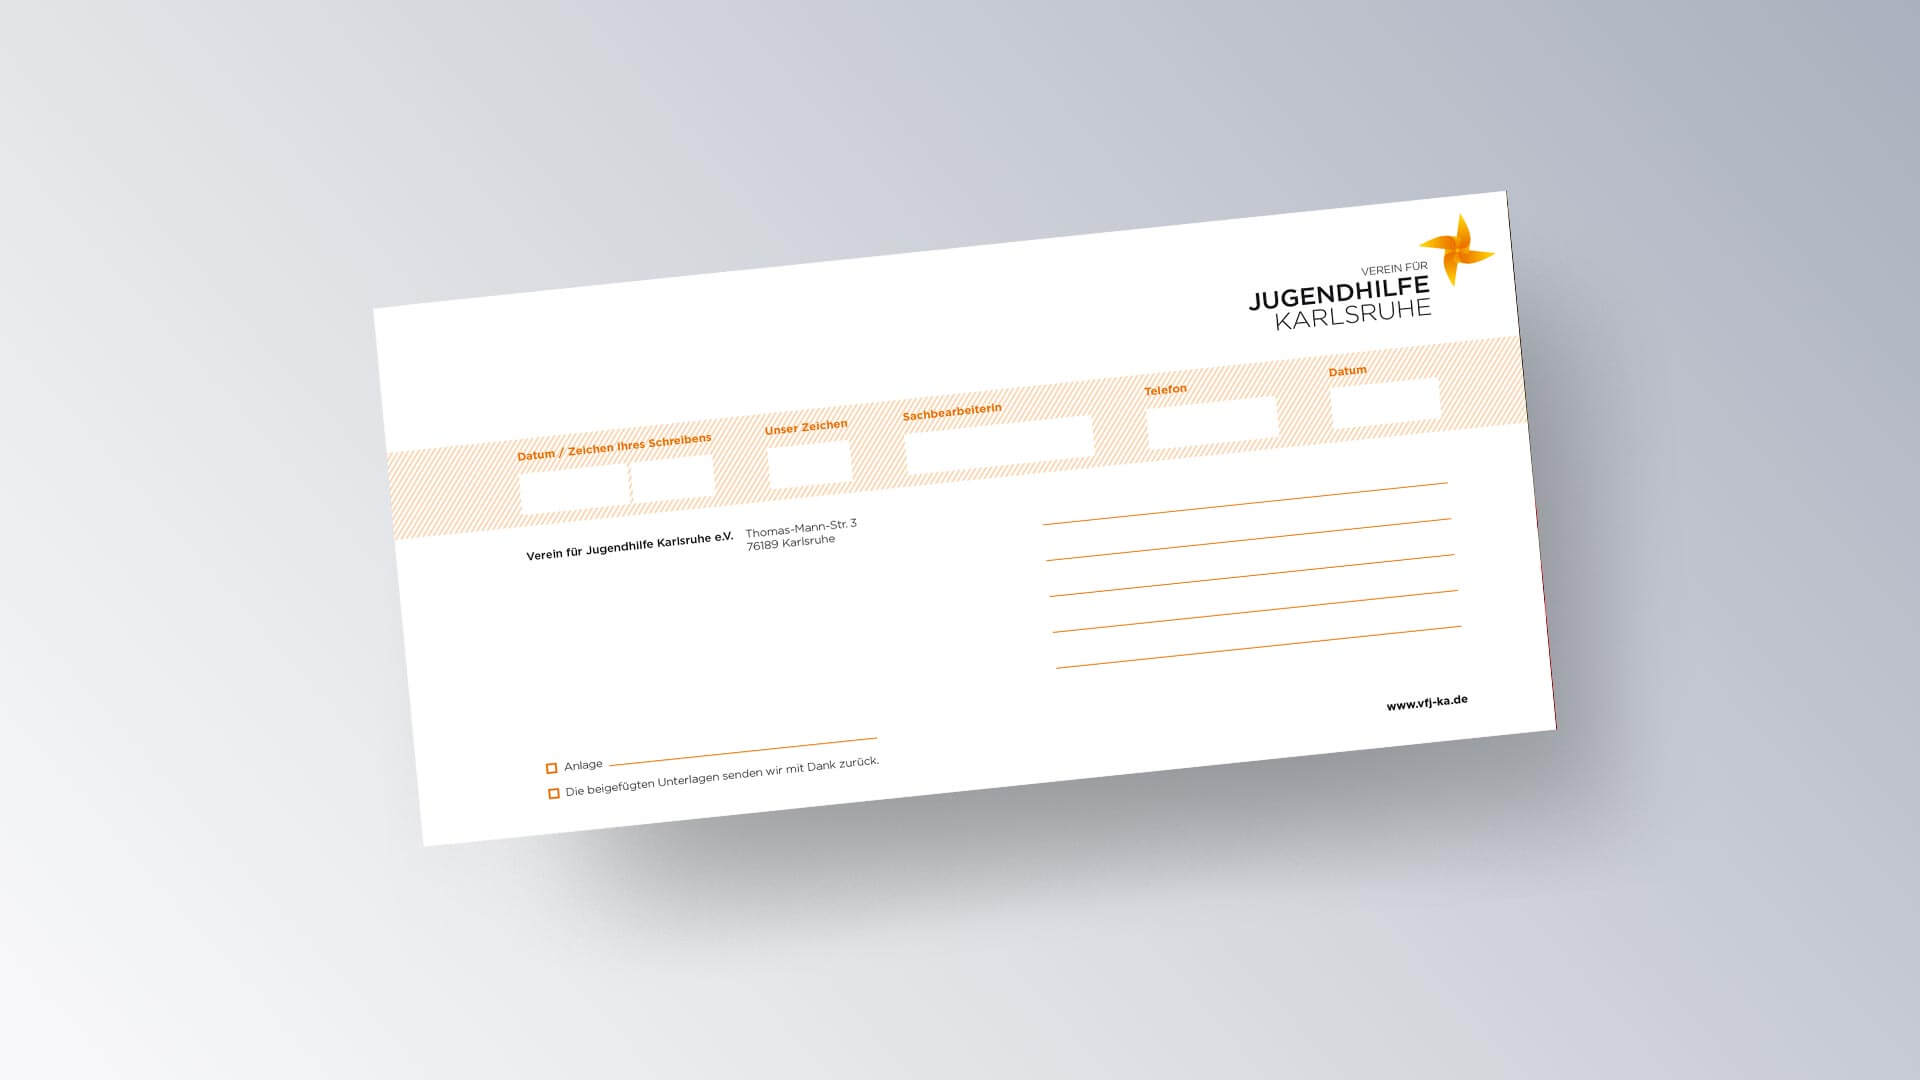 Verein für Jugendhilfe Karlsruhe e.V. Flyer Kurzbrief